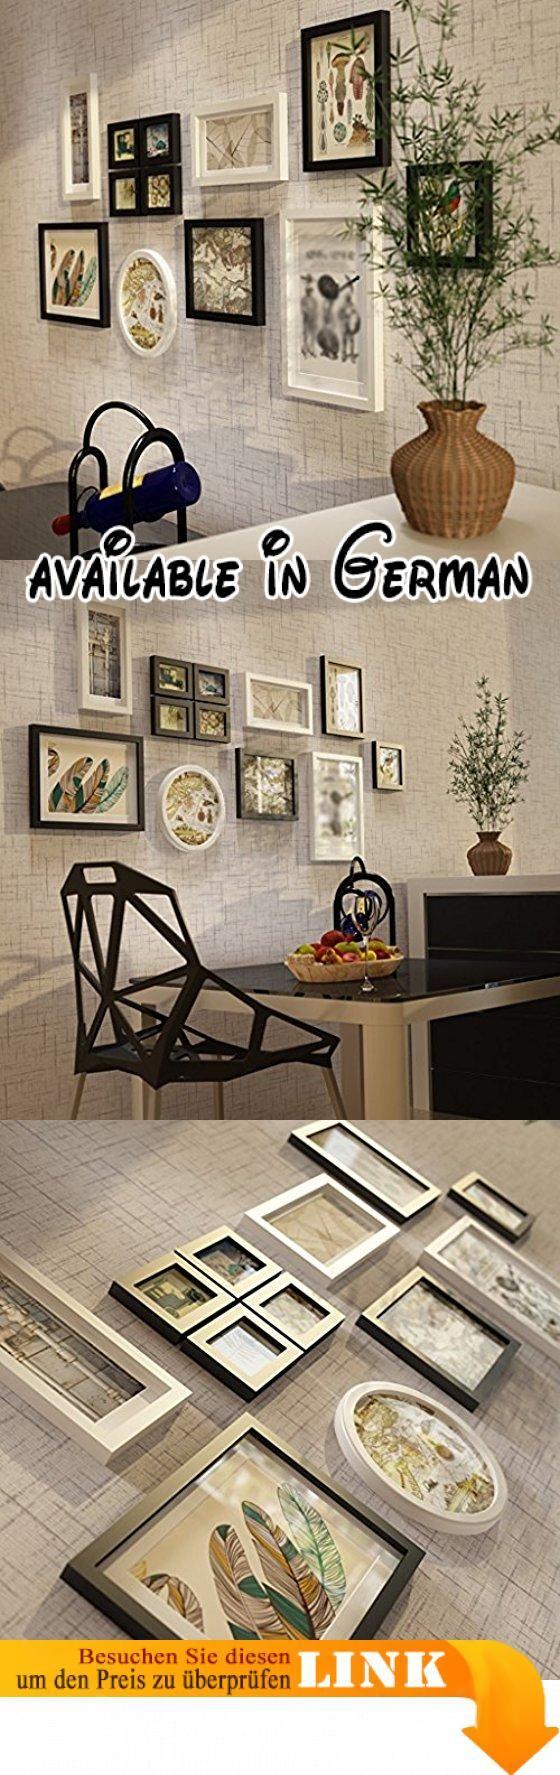 DENGJU Foto Wand Schlafzimmer Wohnzimmer Hand gemacht Holzrahmen Wand Set Bilderrahmen ( Farbe : B ). Unsere Fabrik fördert das Design und die Aufwertung von Multi-Style-Fotorahmen mit sicheren und umweltfreundlichen Massivholzmaterialien.. Für Büros, Schlafzimmer, Arbeitszimmer, Wohnzimmer, Bars, Clubs, Flure und so weiter.. Größe: 175 * 80cm: 12 x Bilderrahmen. Hat alle die solide Holzstruktur und antike Kultur, Retro-Dekoration, langlebig, keine Verzerrung.. Die Verwendung